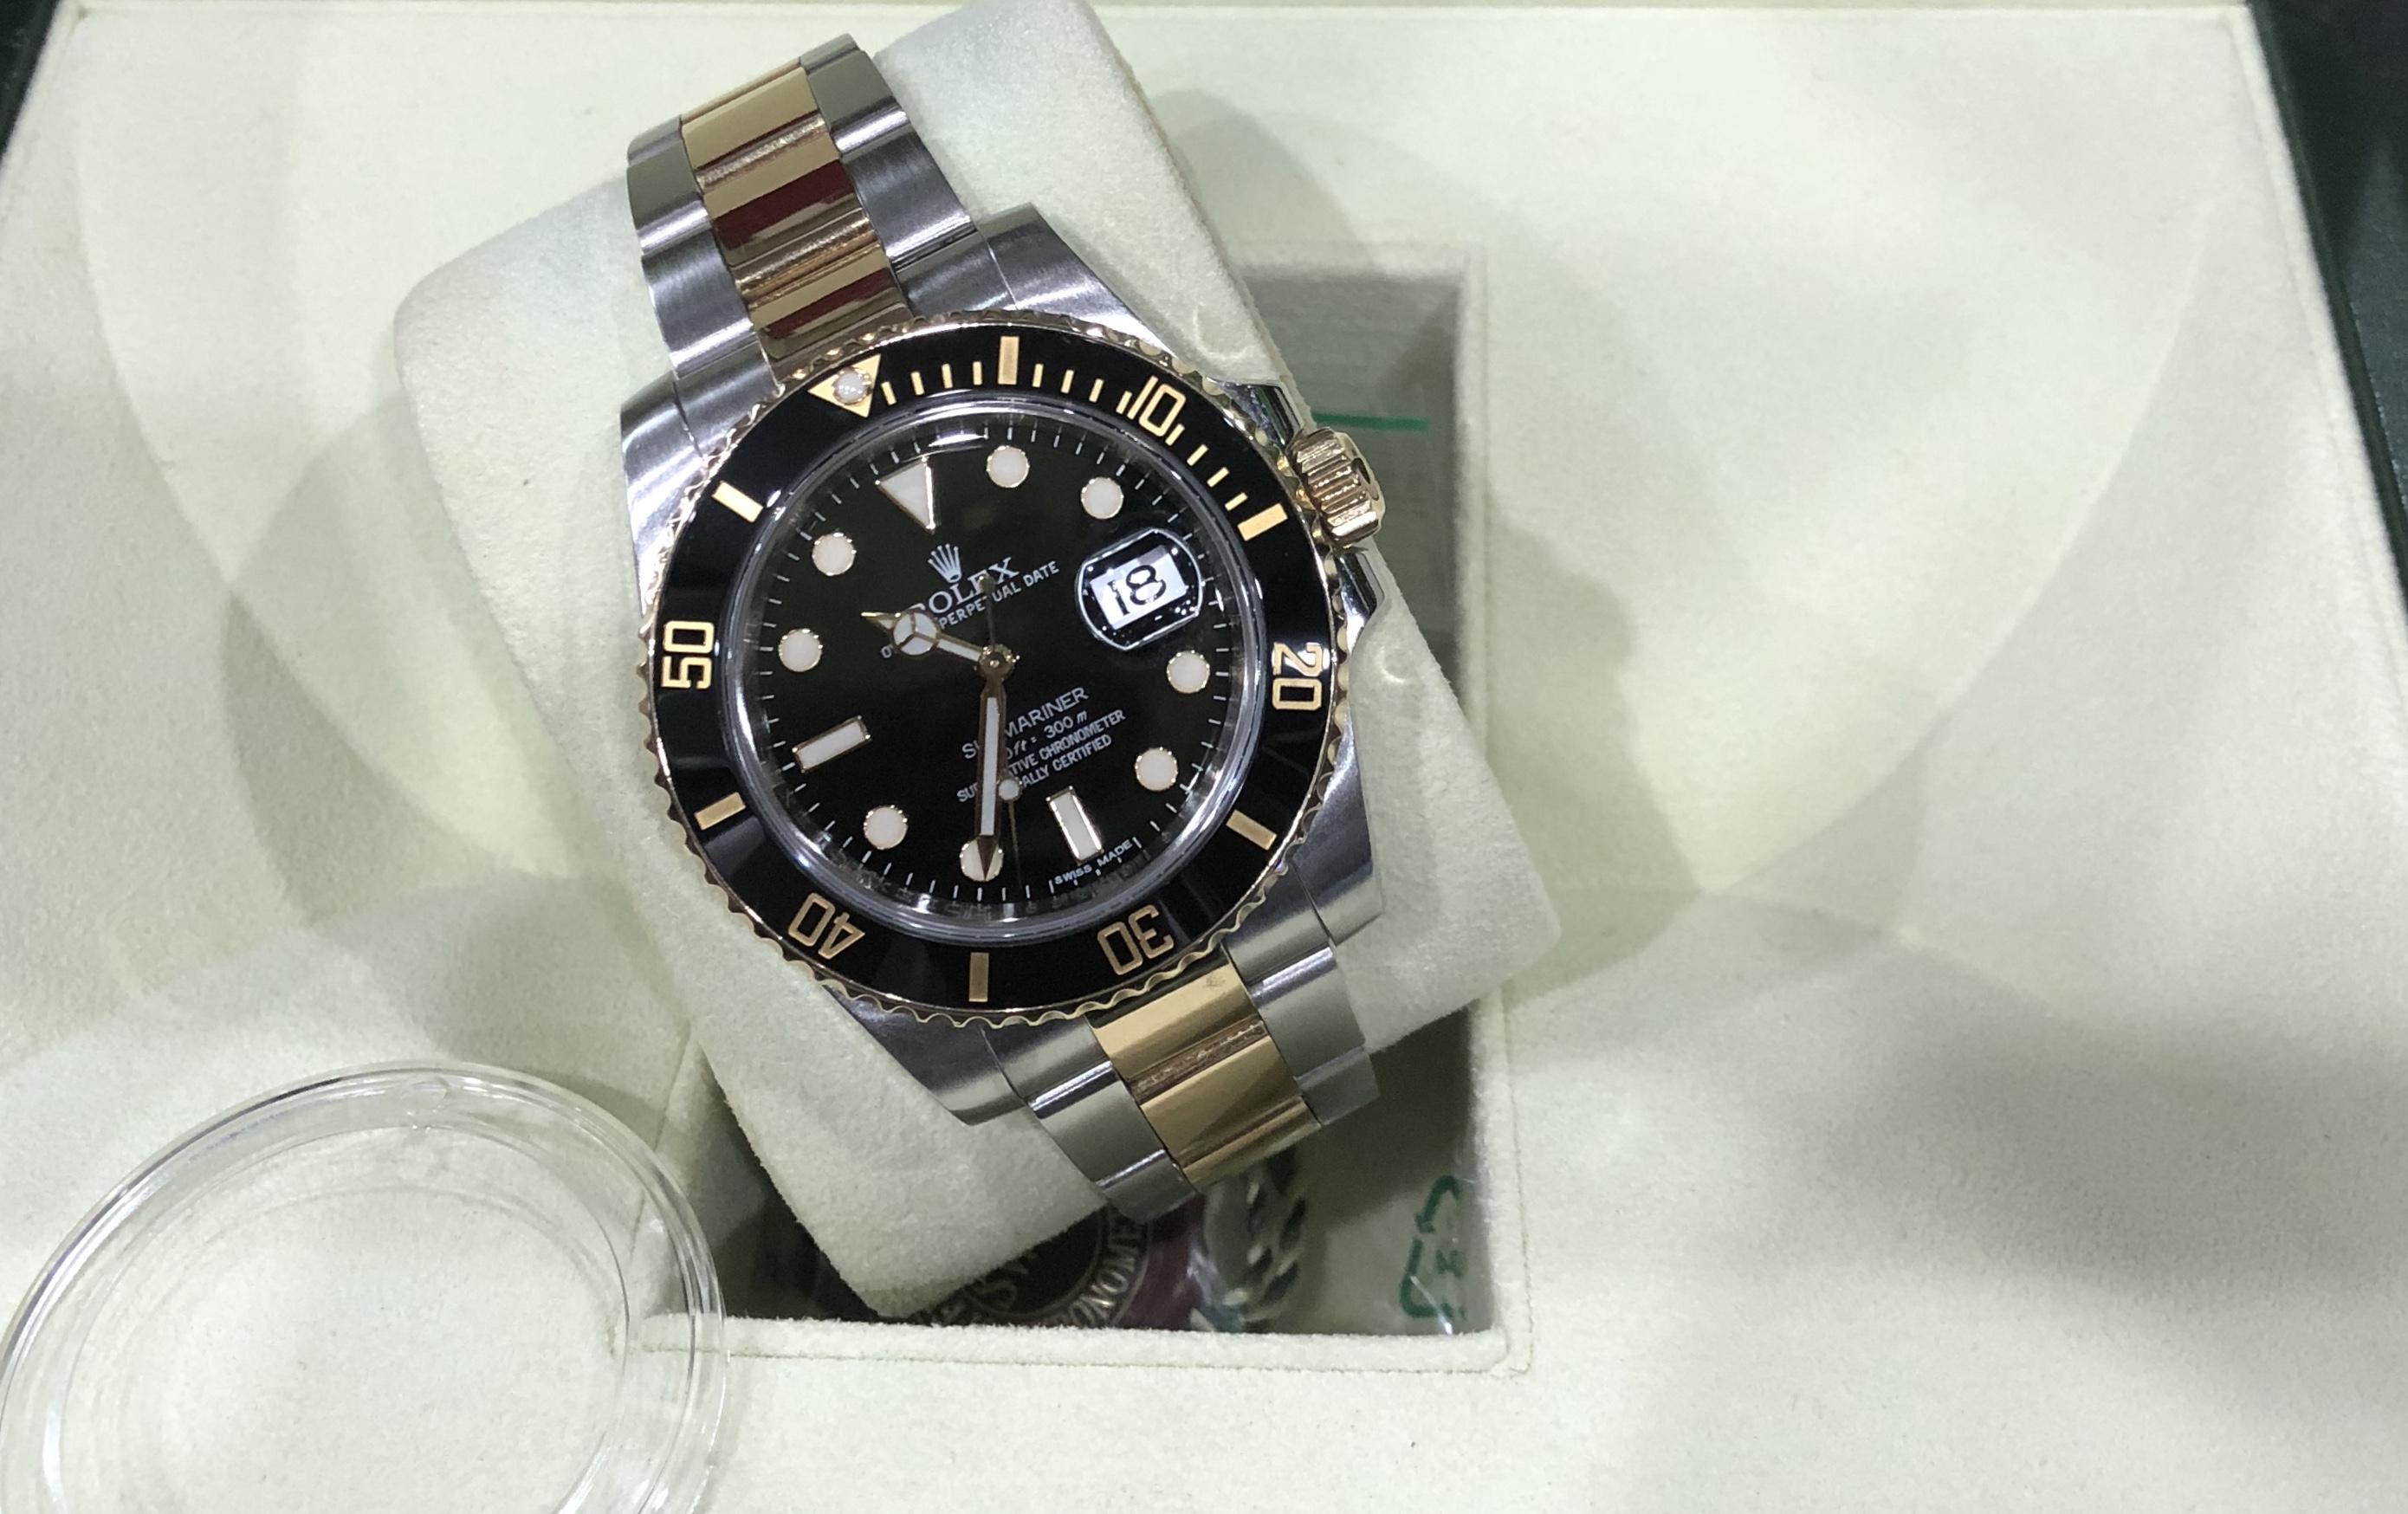 rolex-submariner-date-ref-116613ln-san-xuat-nam-2011-1